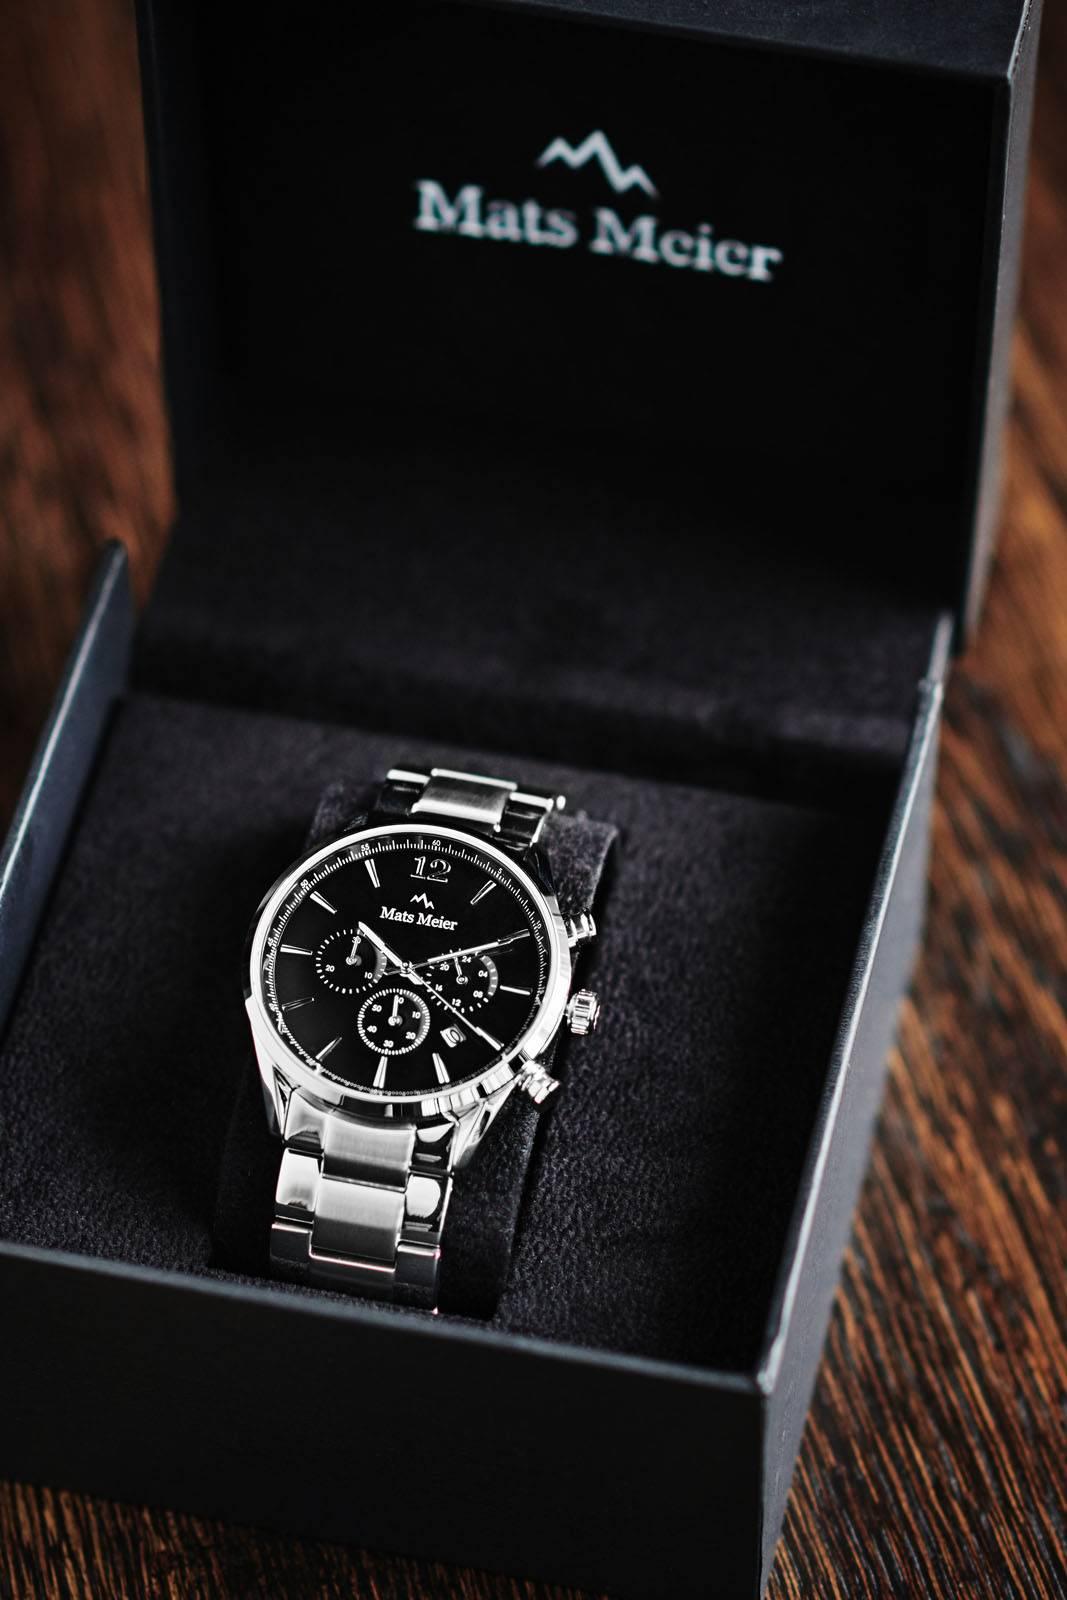 Mats Meier herenhorloges van topkwaliteit - Conquer Yourself